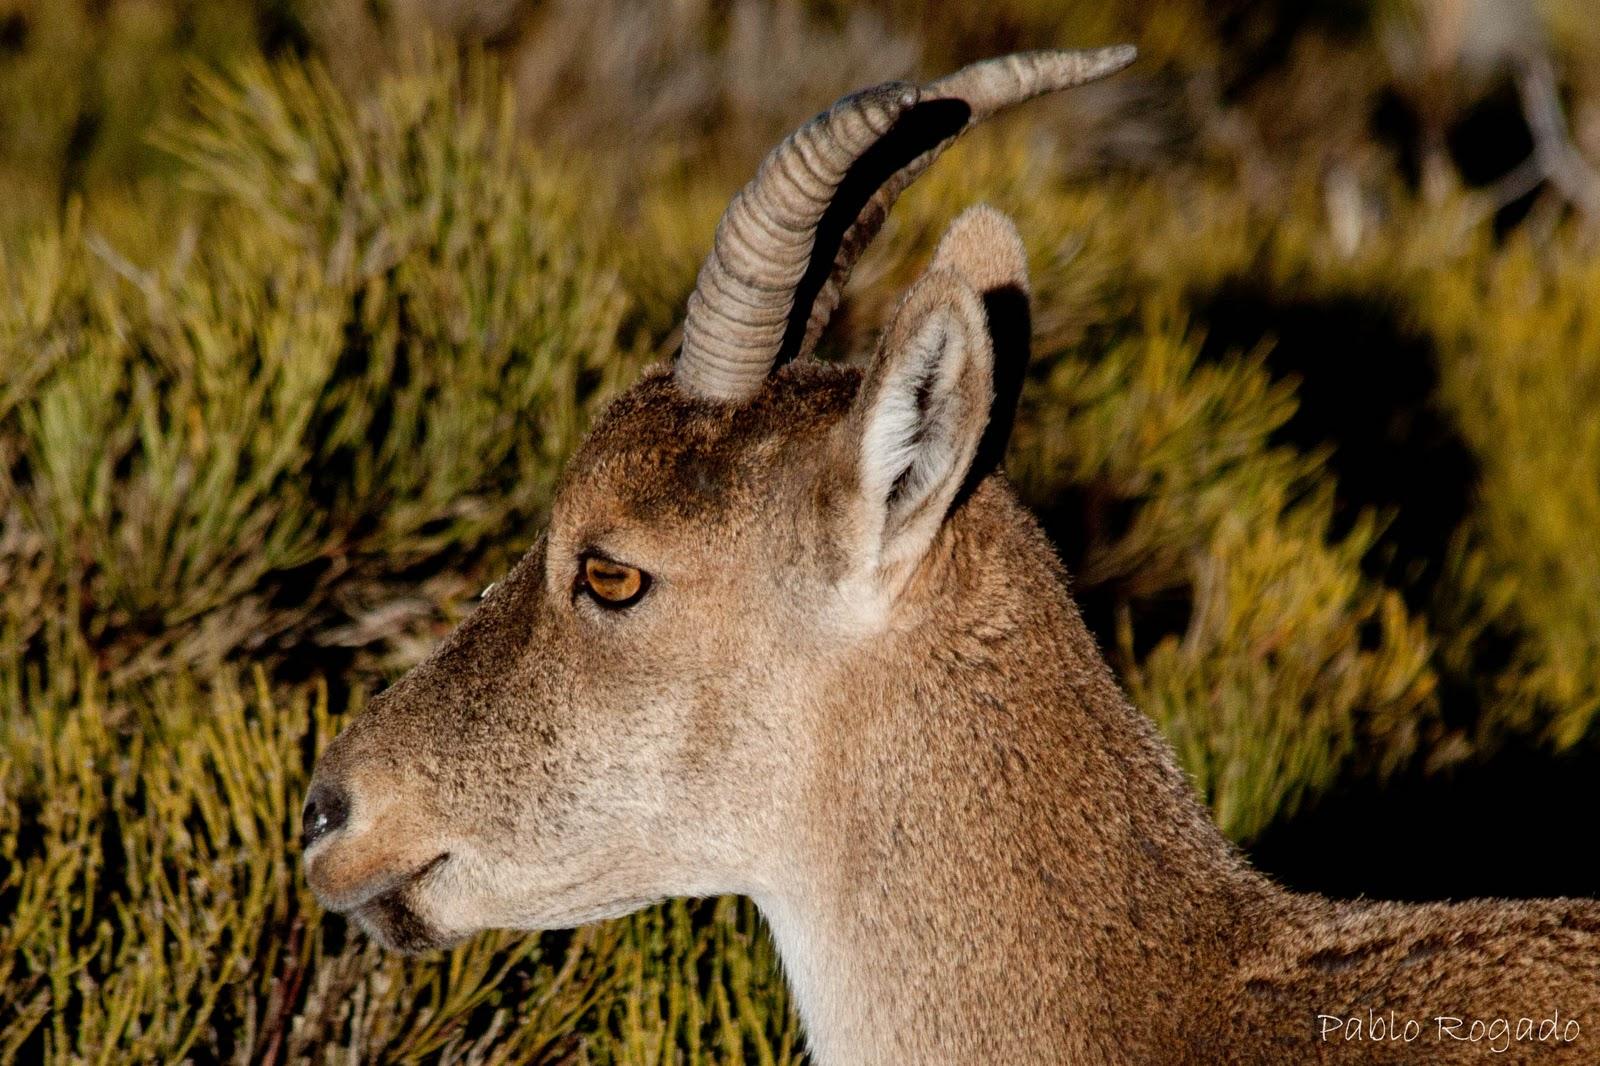 dibujos y fotos de animales herbivoros Buenos enlaces - fotos animales herbívoros